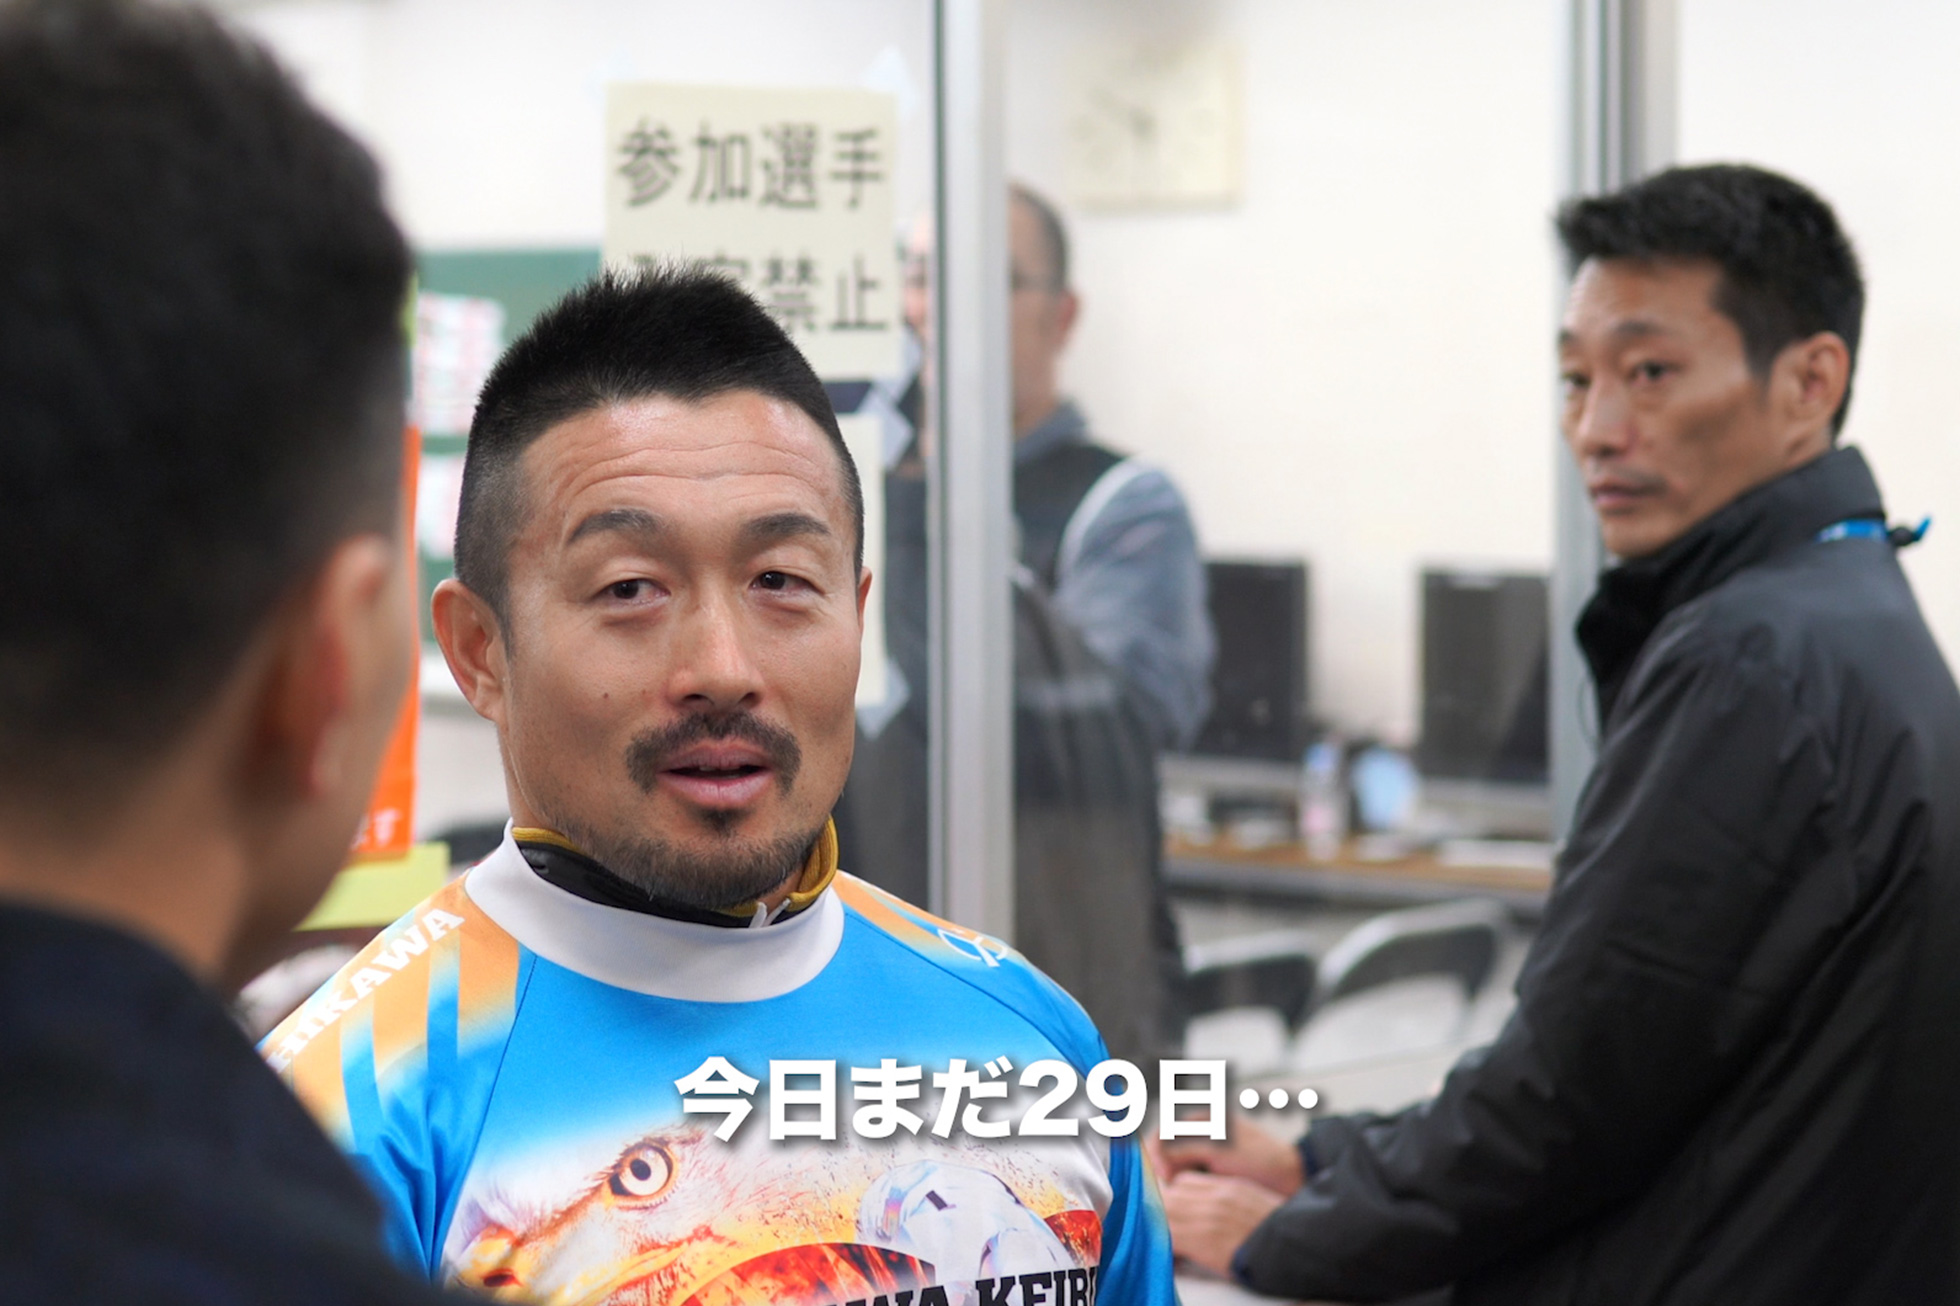 KEIRINグランプリ2019 佐藤慎太郎